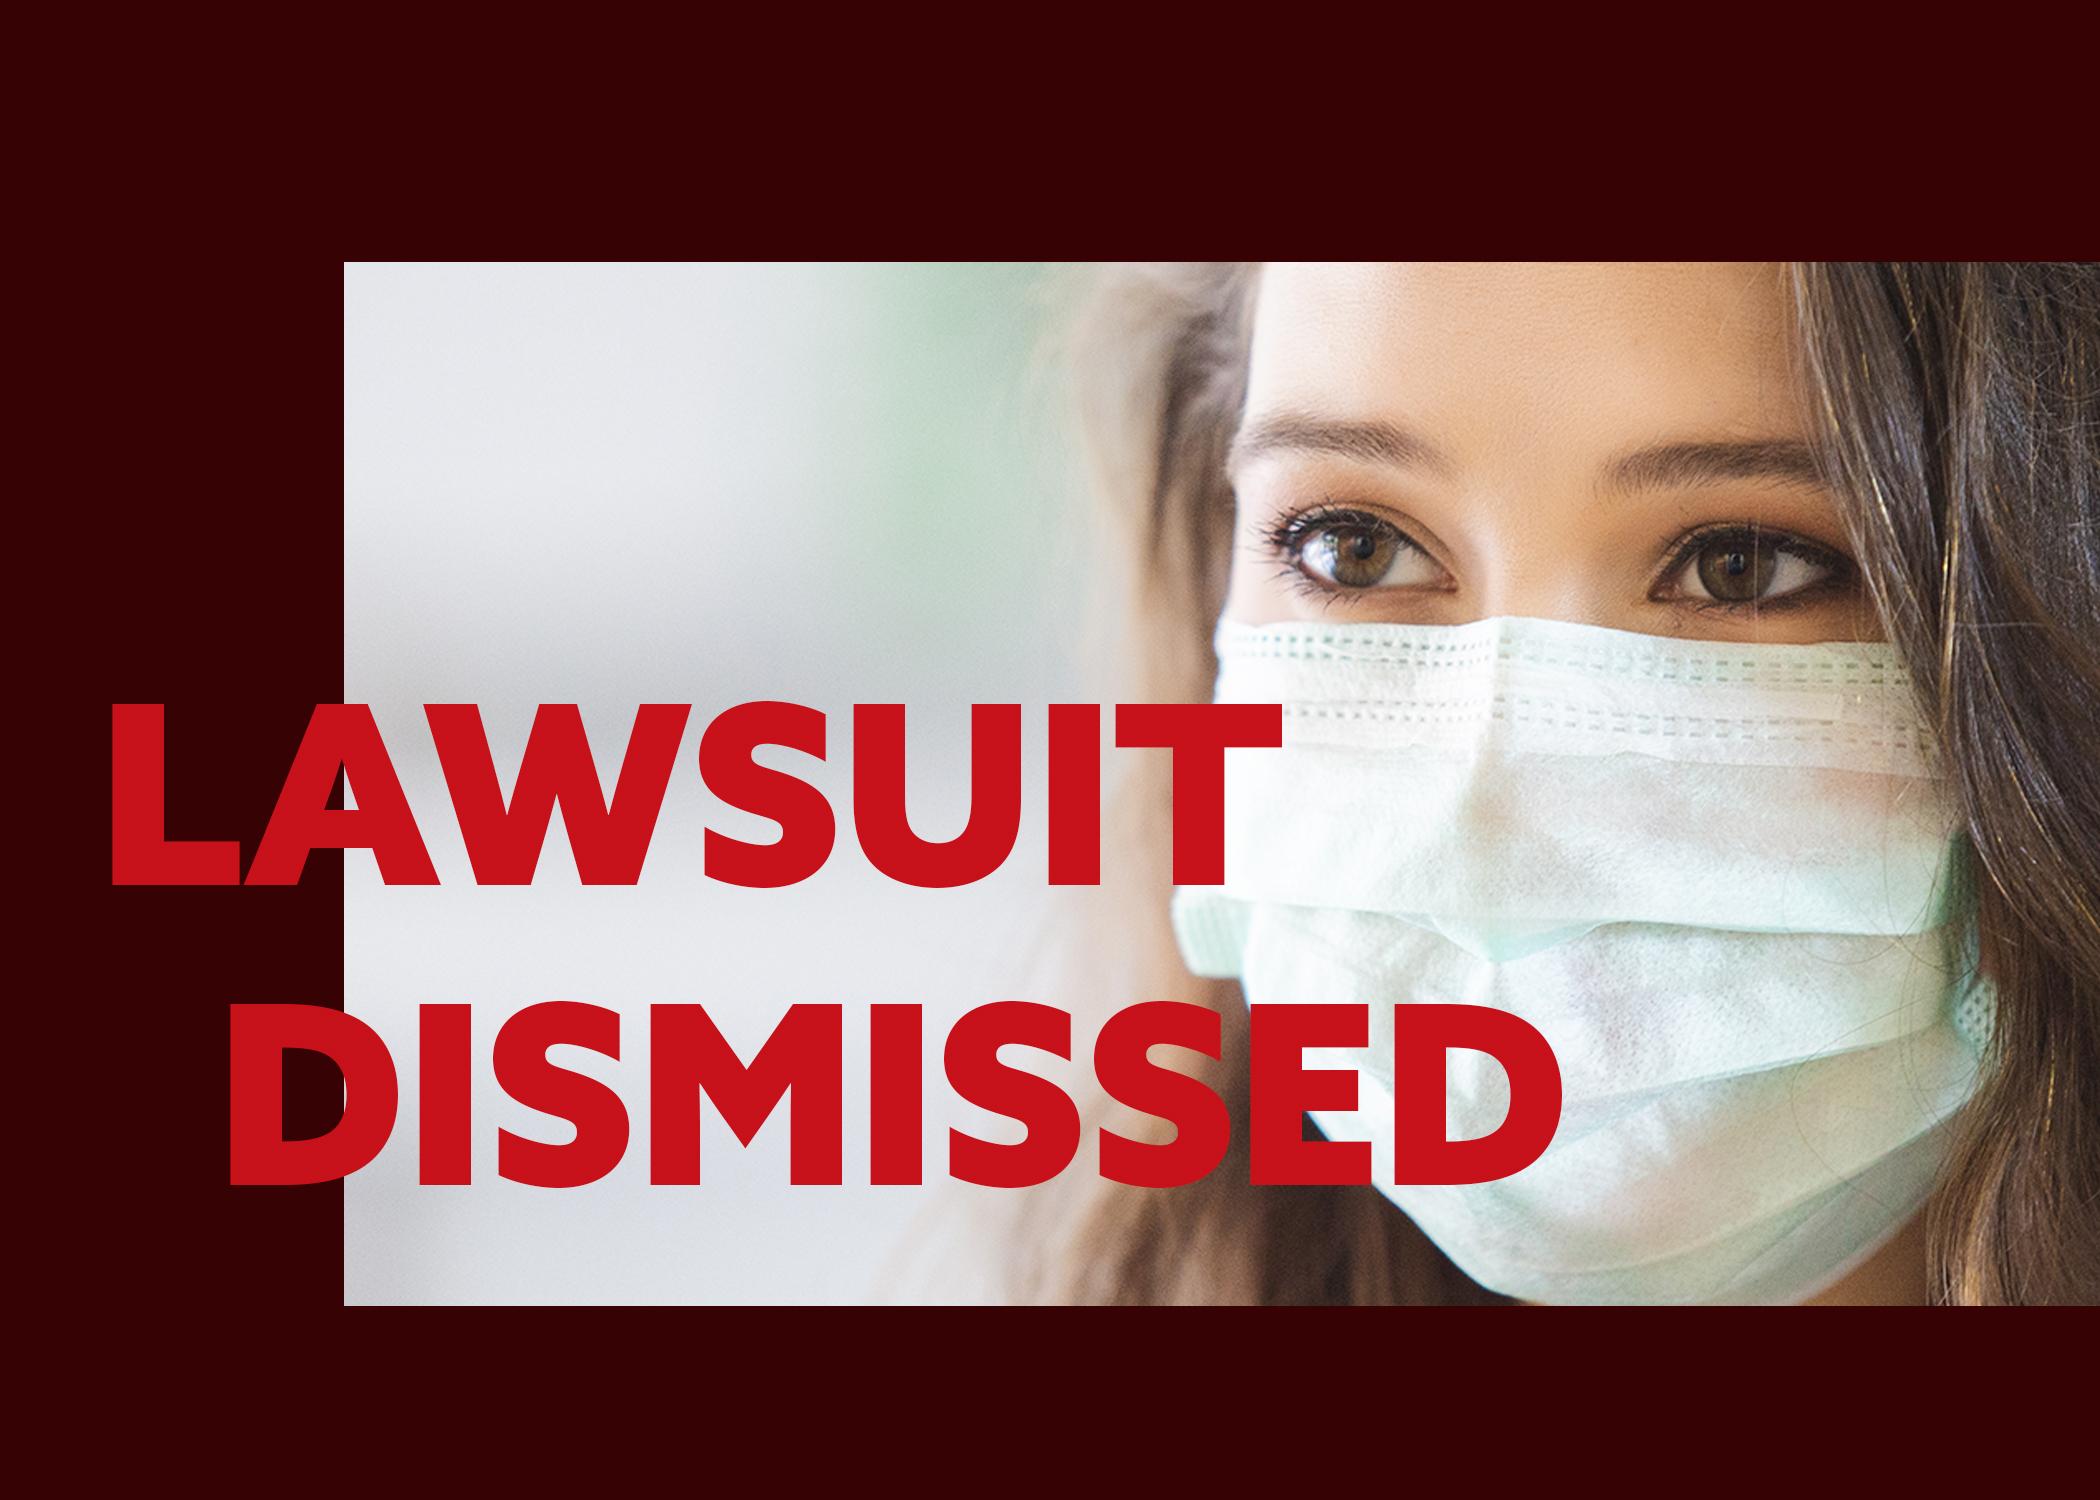 Judge dismisses lawsuit challenging Alabama mask order